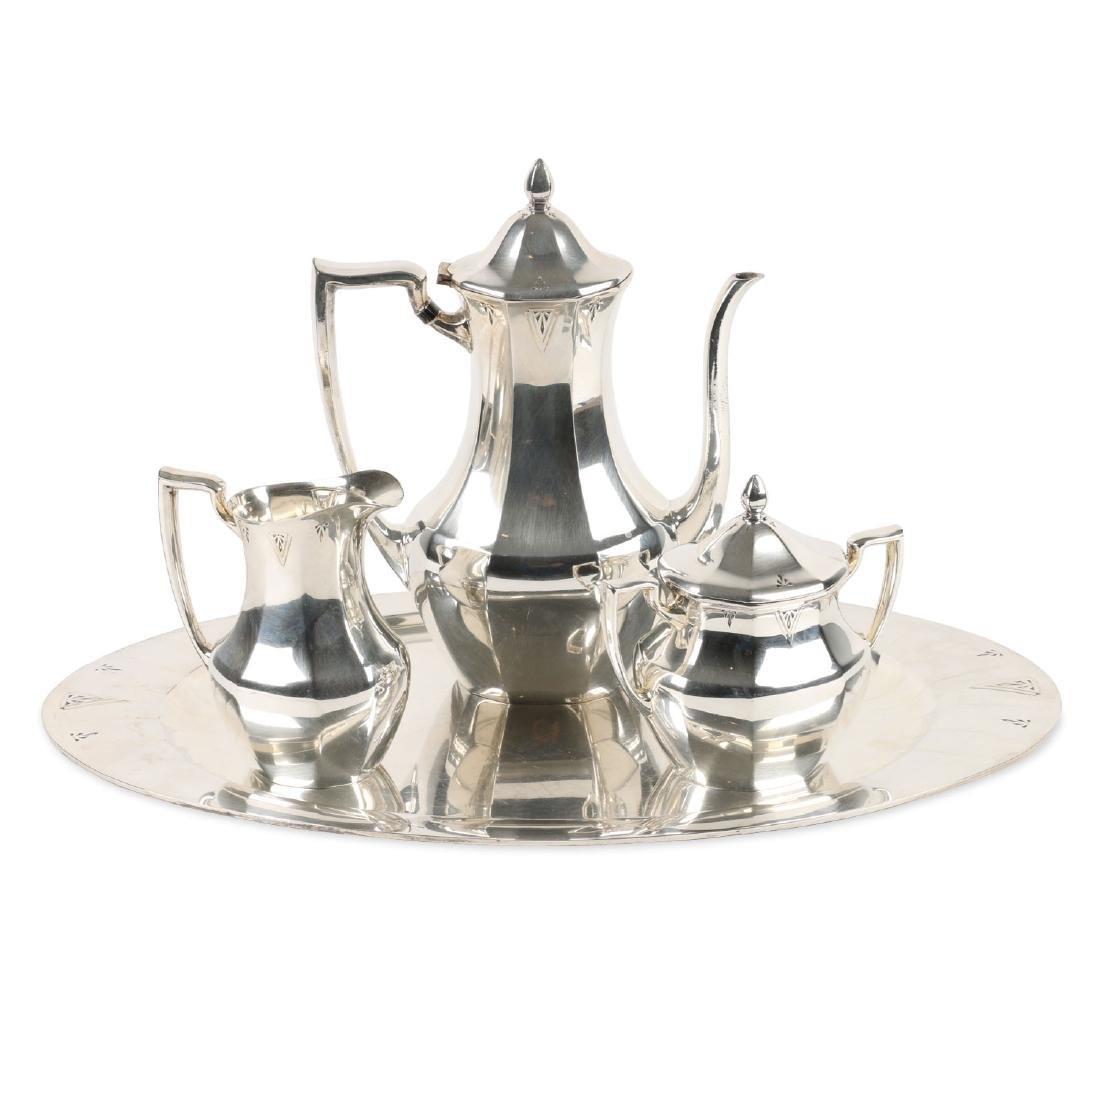 Art Deco Silverplate Tea Service